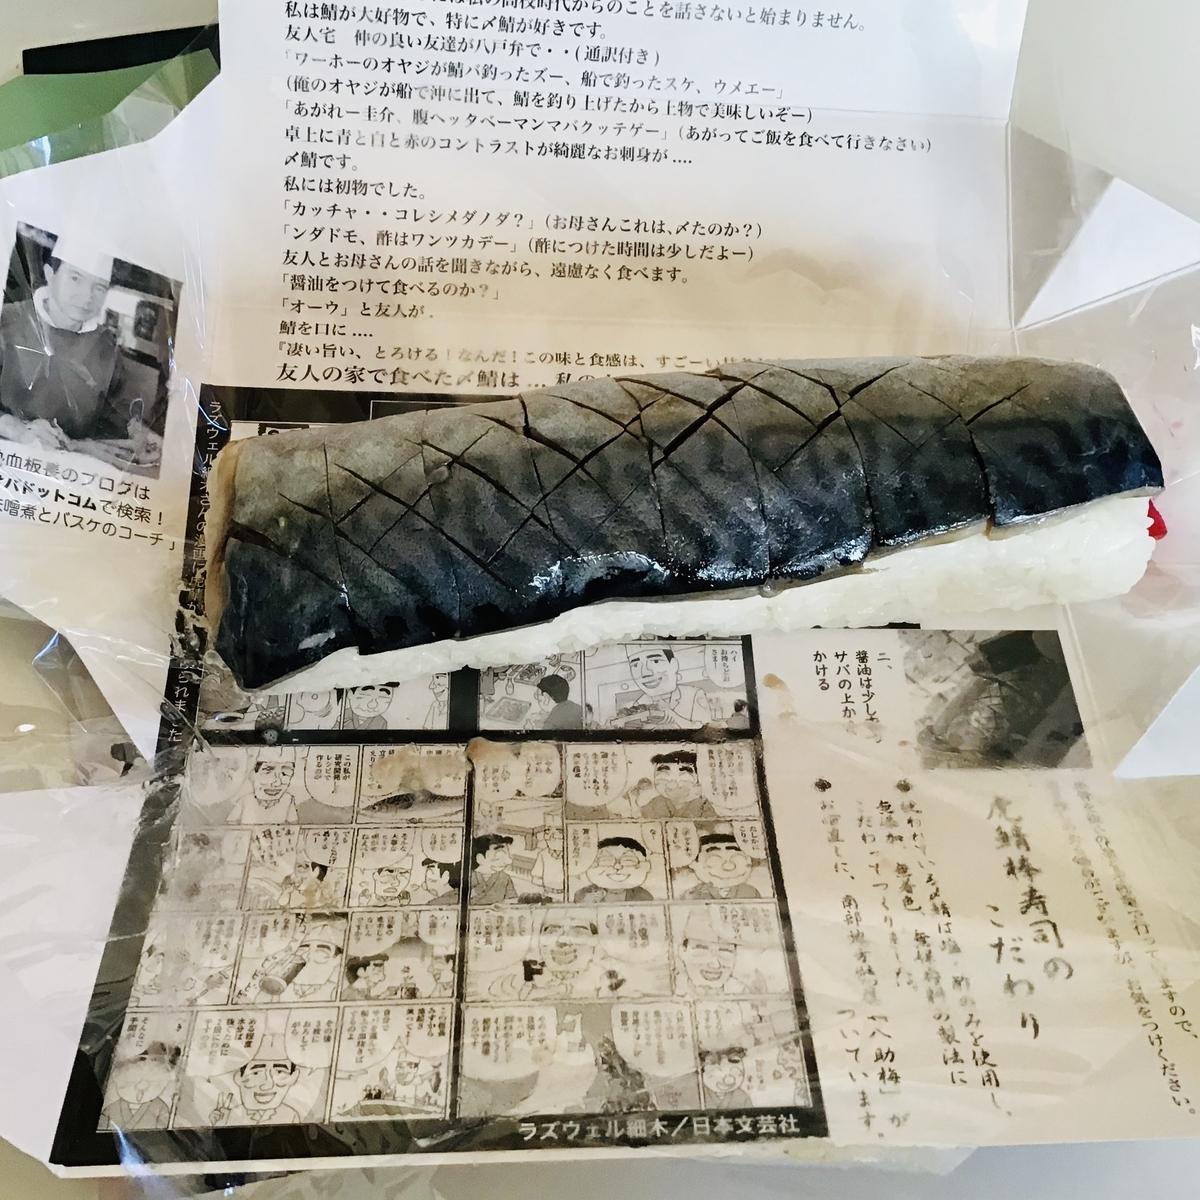 f:id:yumeusagiyukiusagi:20201001002541j:plain